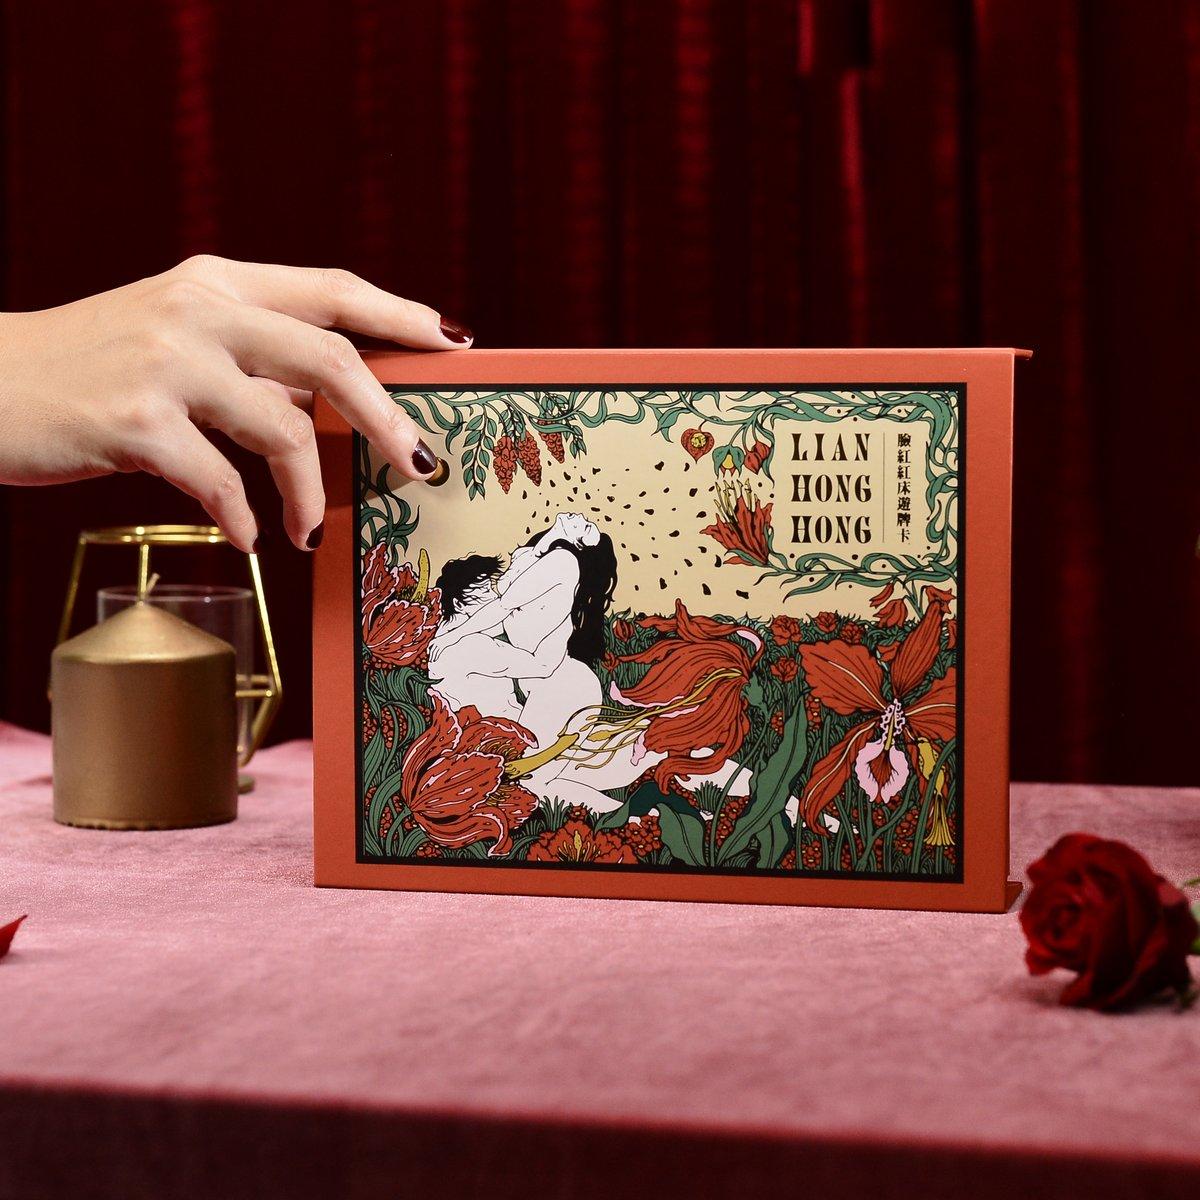 (獨家)臉紅紅床遊卡牌+限量海報|高潮絕非神蹟,只是需要契機